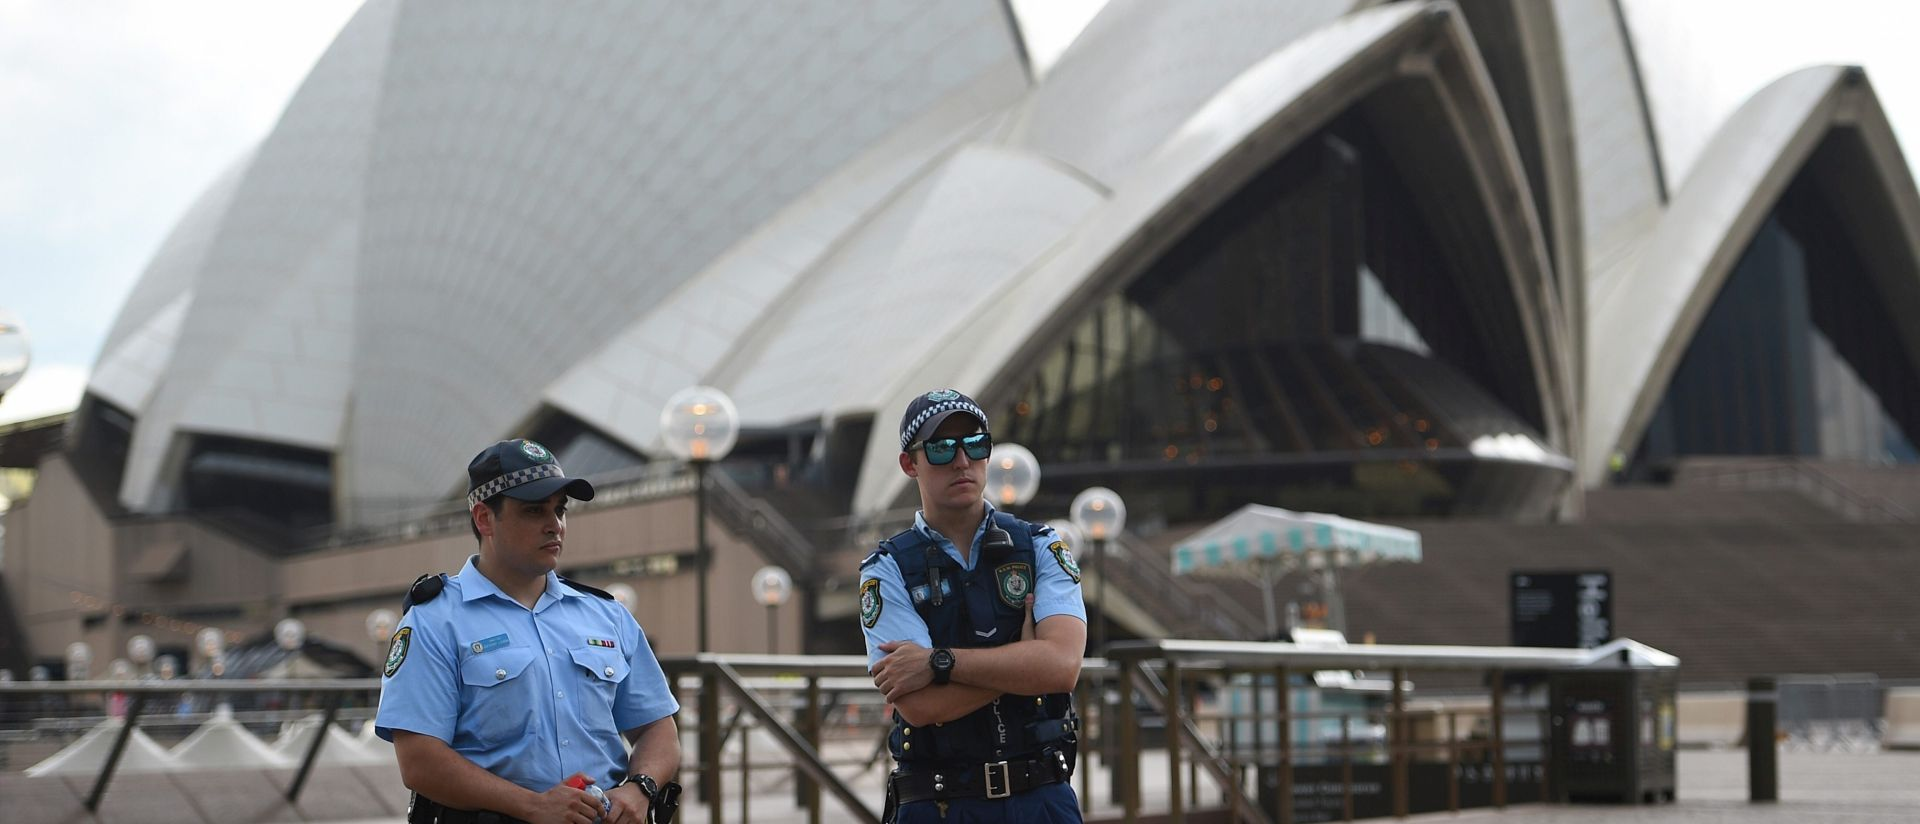 """""""MJERE PREDOSTROŽNOSTI"""": Australska policija evakuirala zgradu Opere"""